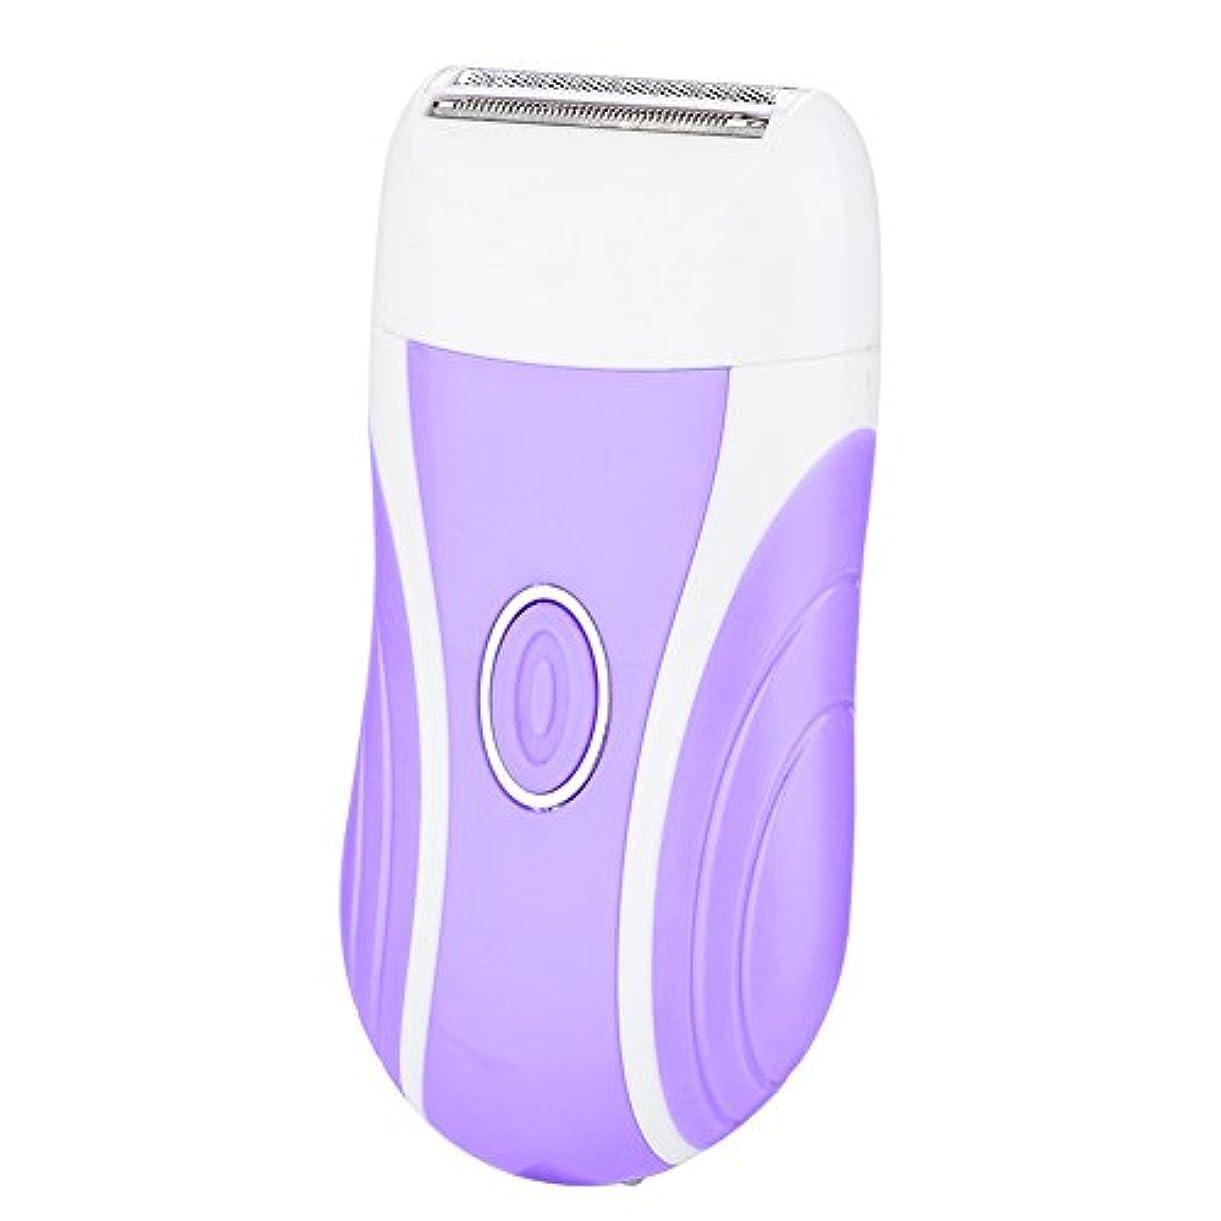 ピンエミュレーション割り込み女性の脱毛器、3 in 1 USBウェット/ドライ電気脱毛充電式シェーバー脱毛ネイル研削ドリルフェイシャルボディケアアーム&レッグ&ビキニ(紫の)